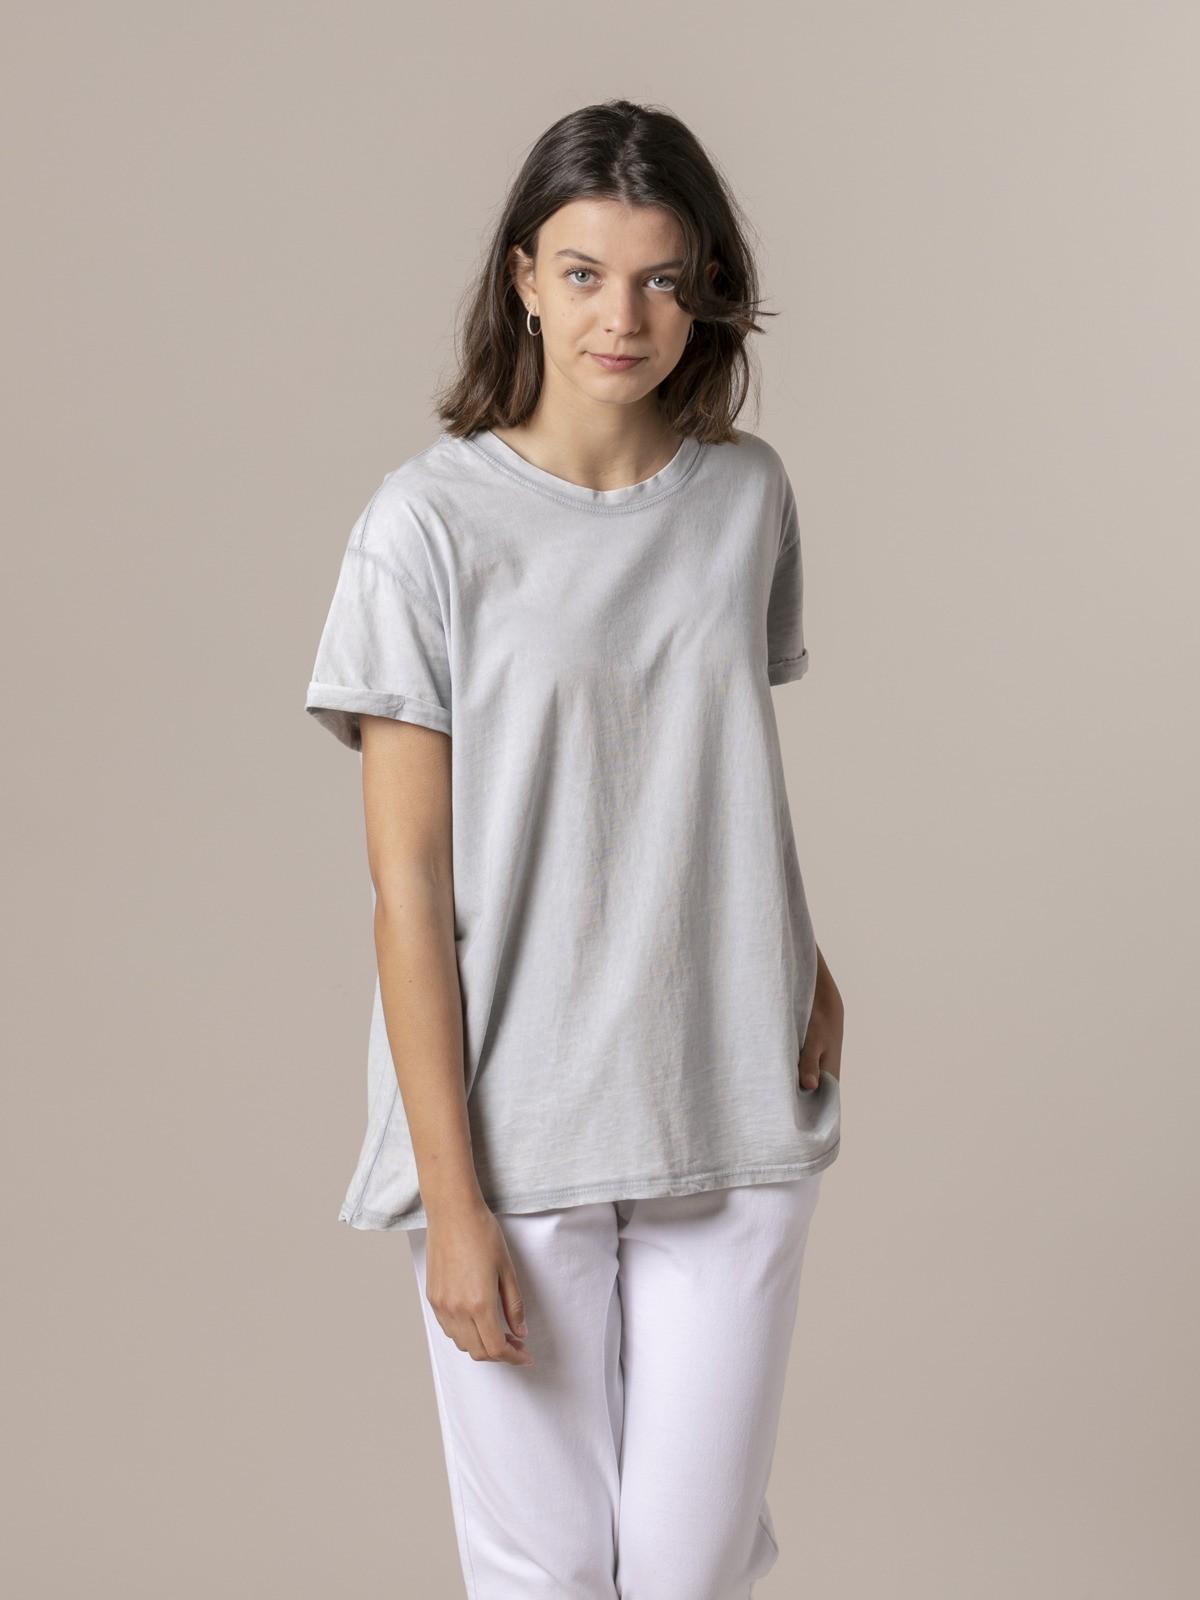 Camiseta lisa mujer tinte ecológico Gris